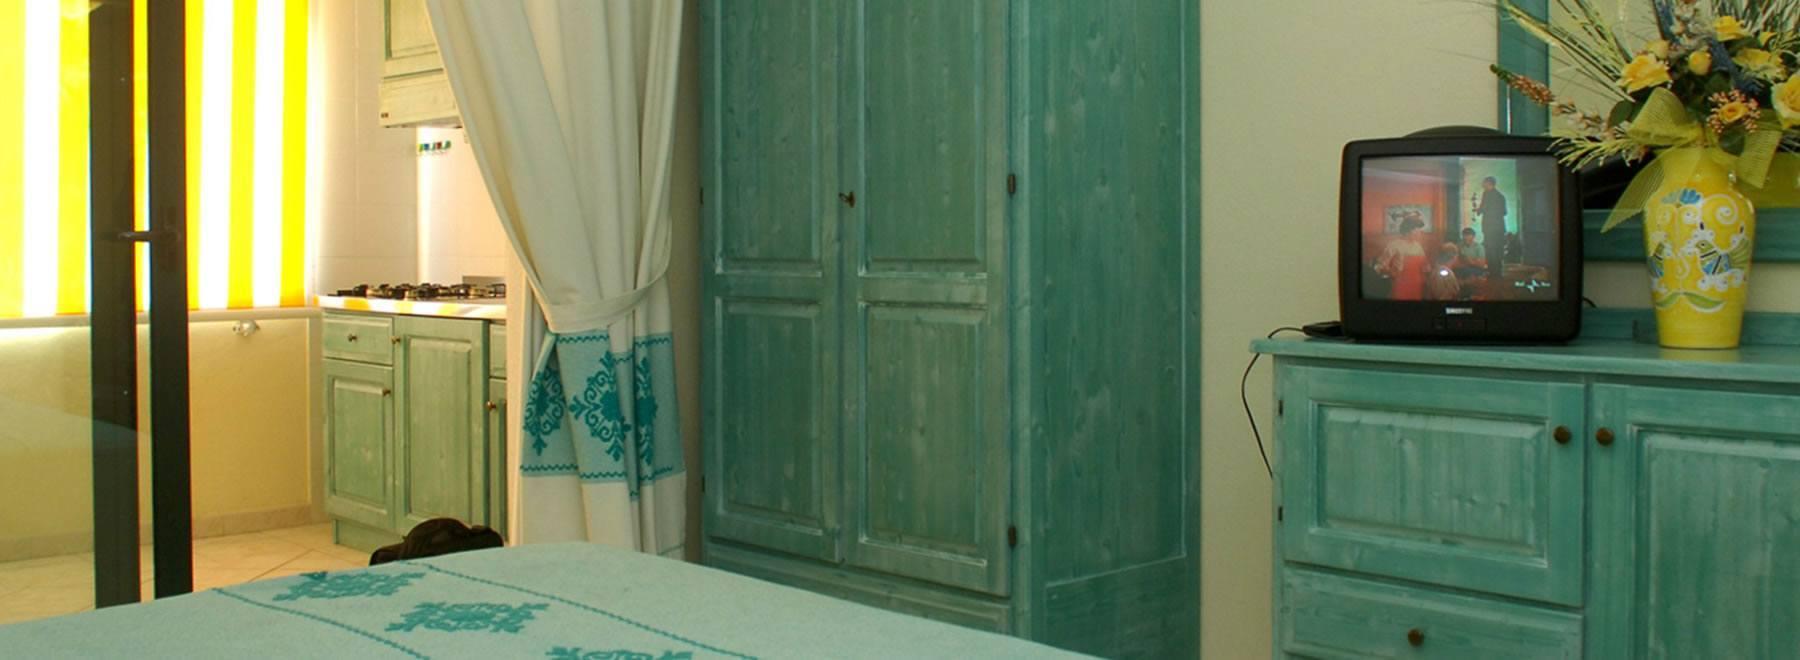 Einzimmerappartement 3 Personen Appartements  Sardegna - Italia